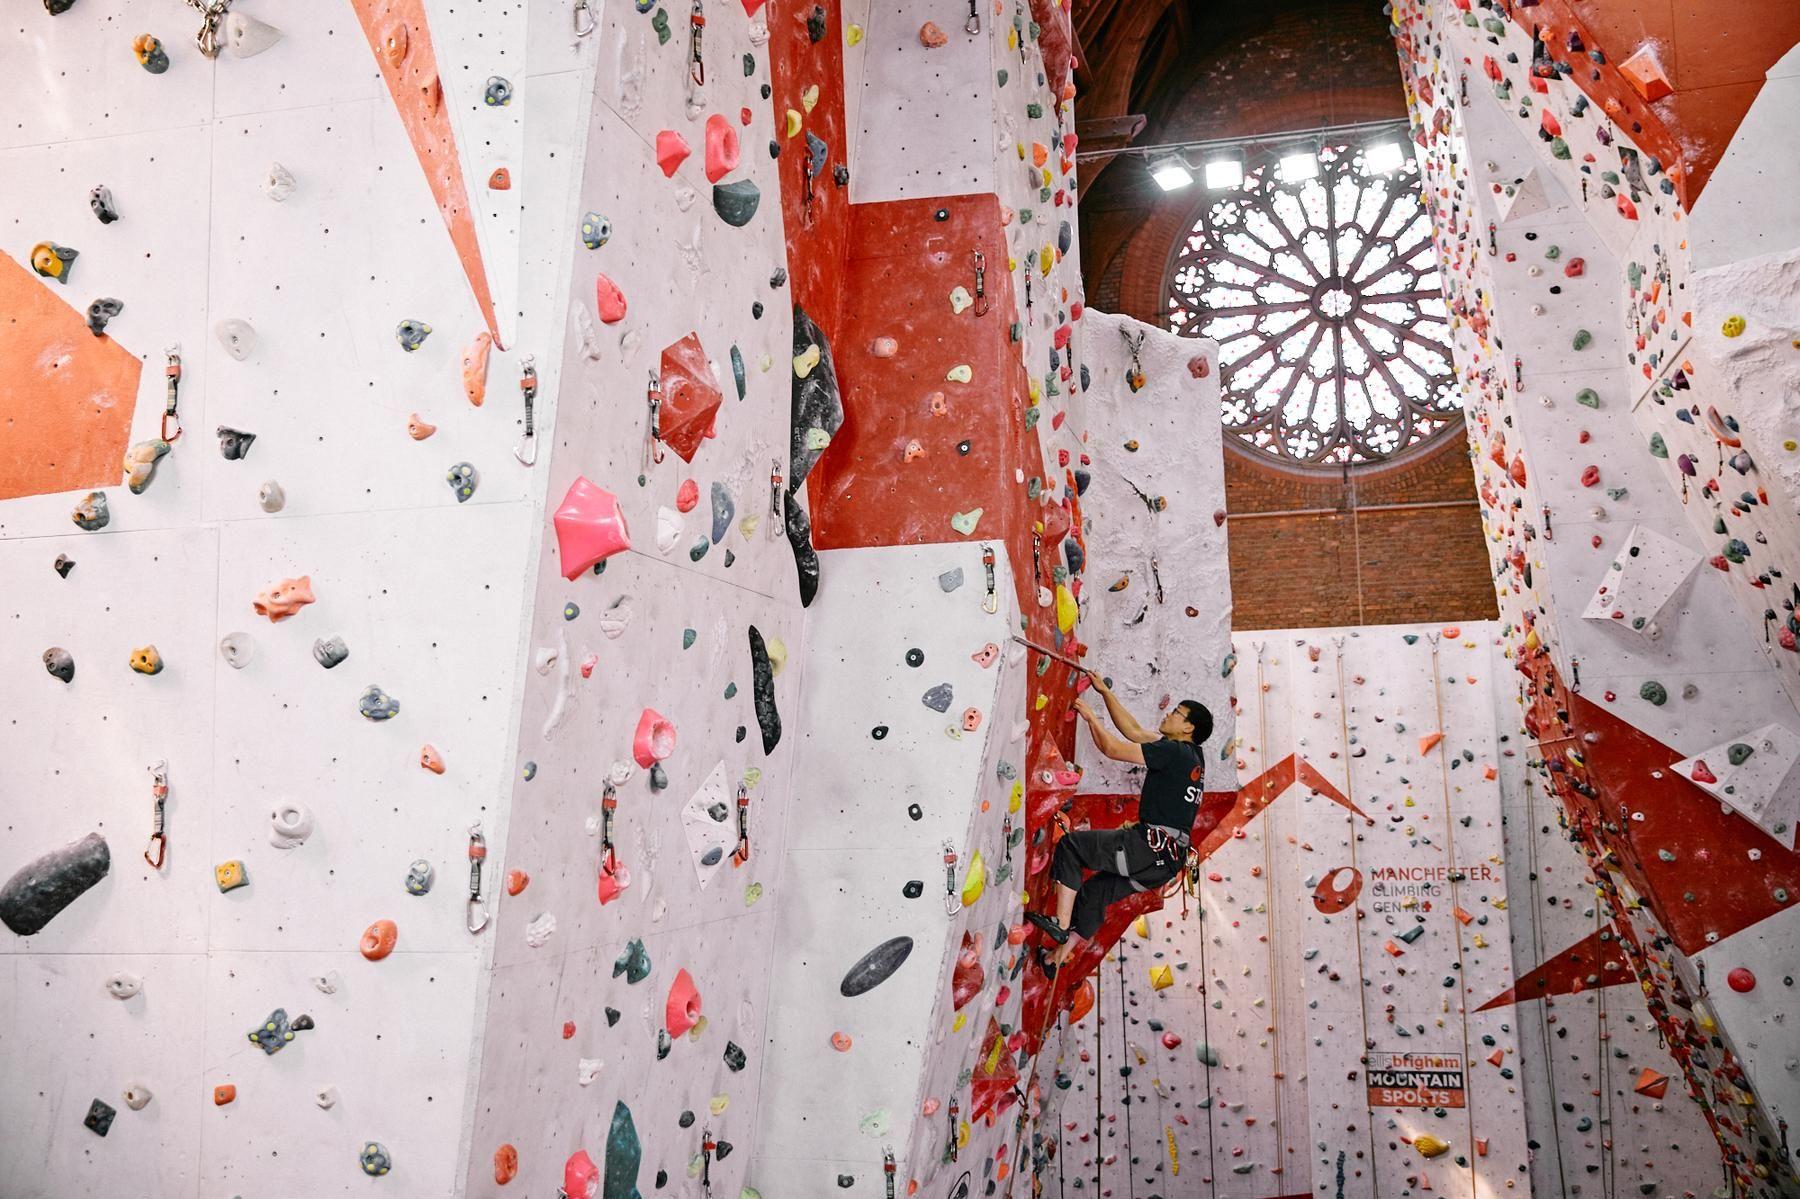 Einführung ins Klettern – Was du darüber wissen solltest